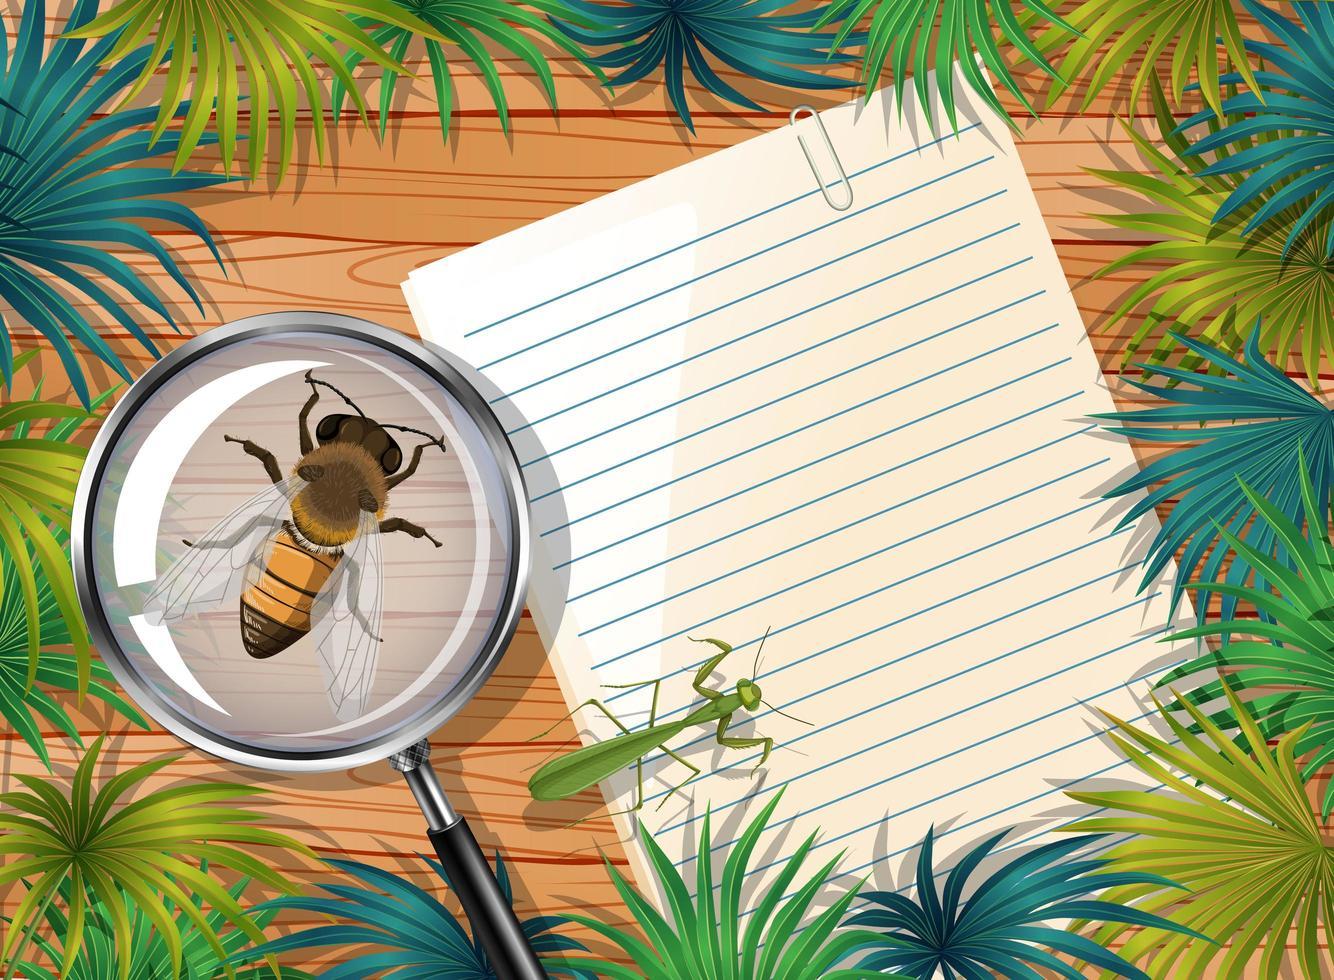 Vista superior del papel en blanco sobre la mesa con insectos vector